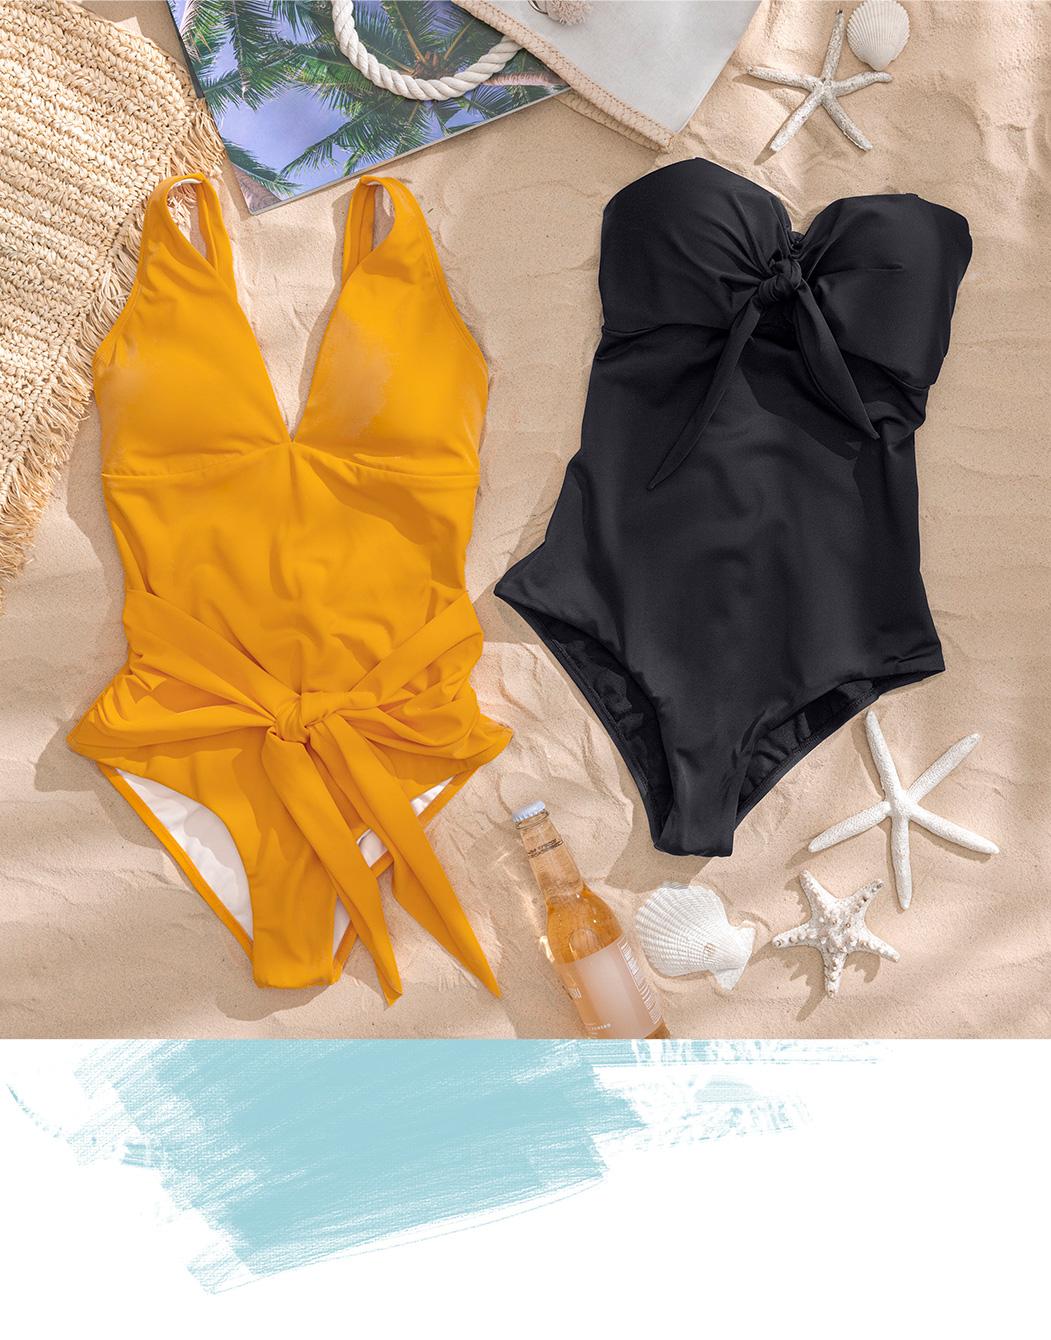 Vestidos de baño hechos con redes recicladas del fondo del mar - Amor por el mar